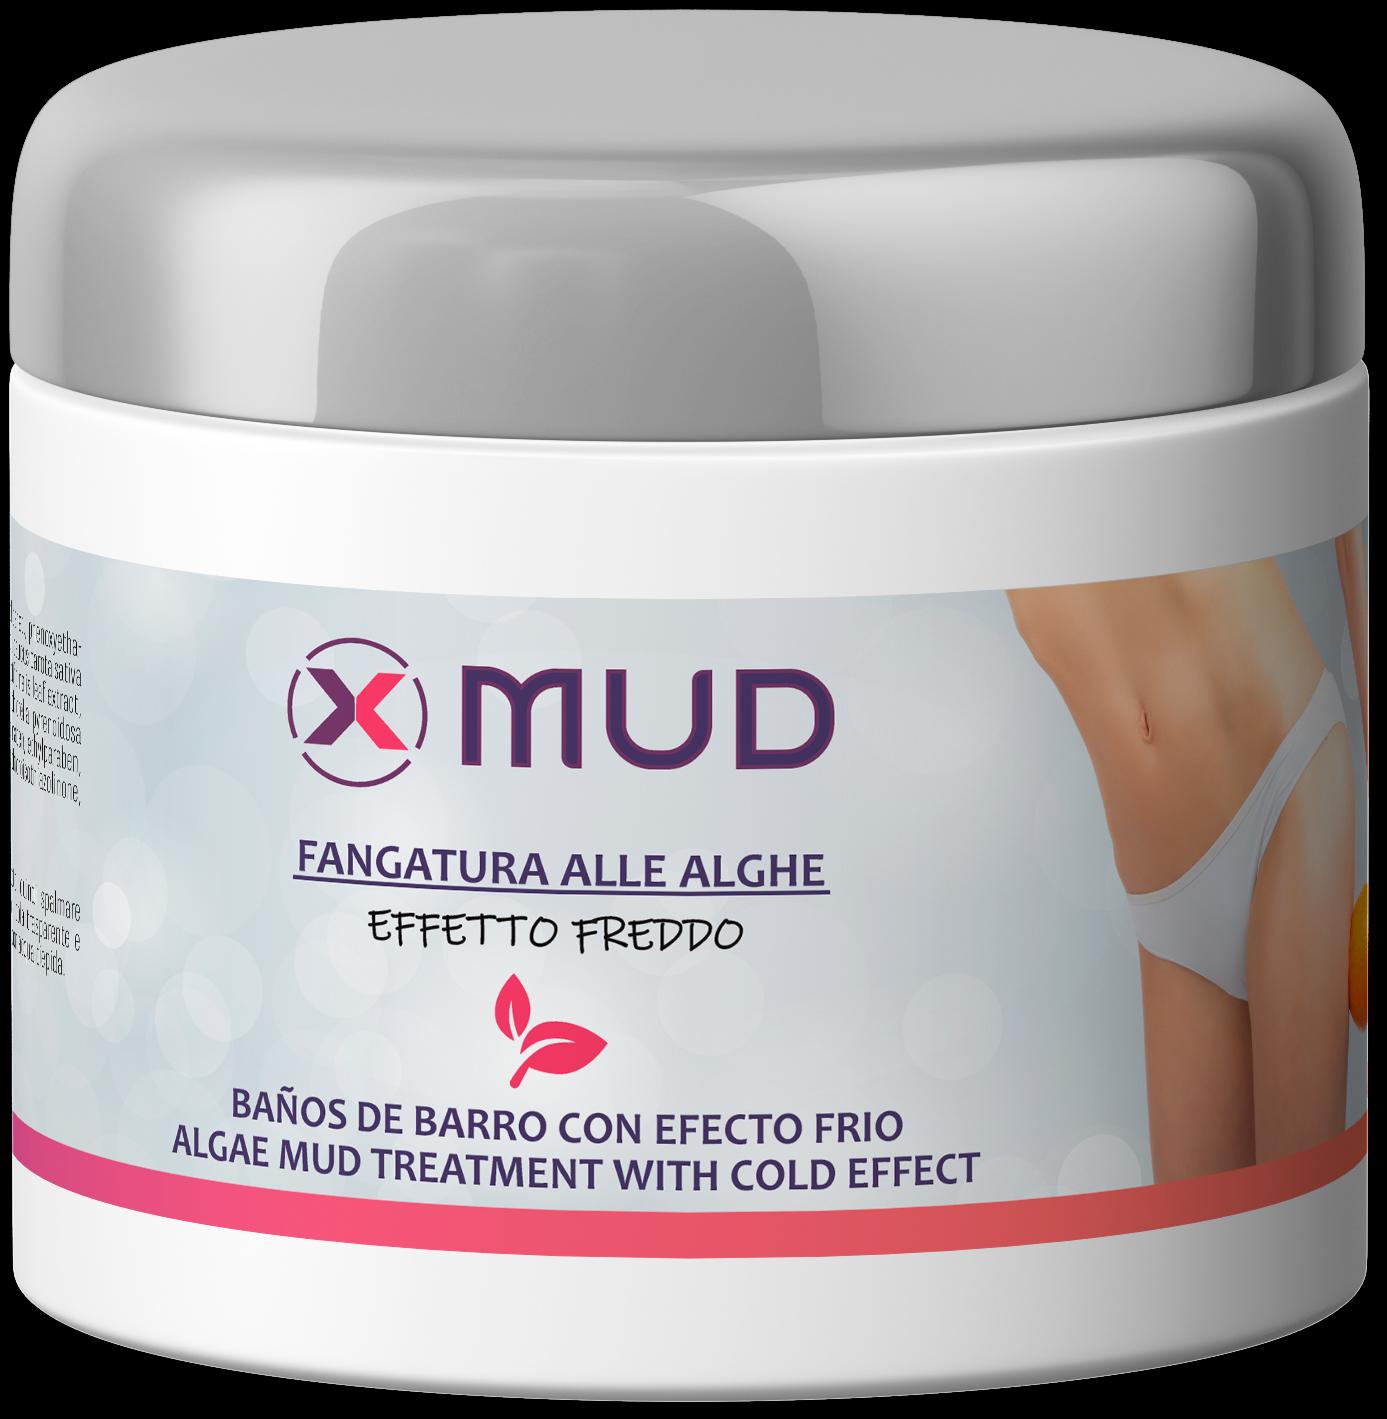 X-MUD Anticellulite